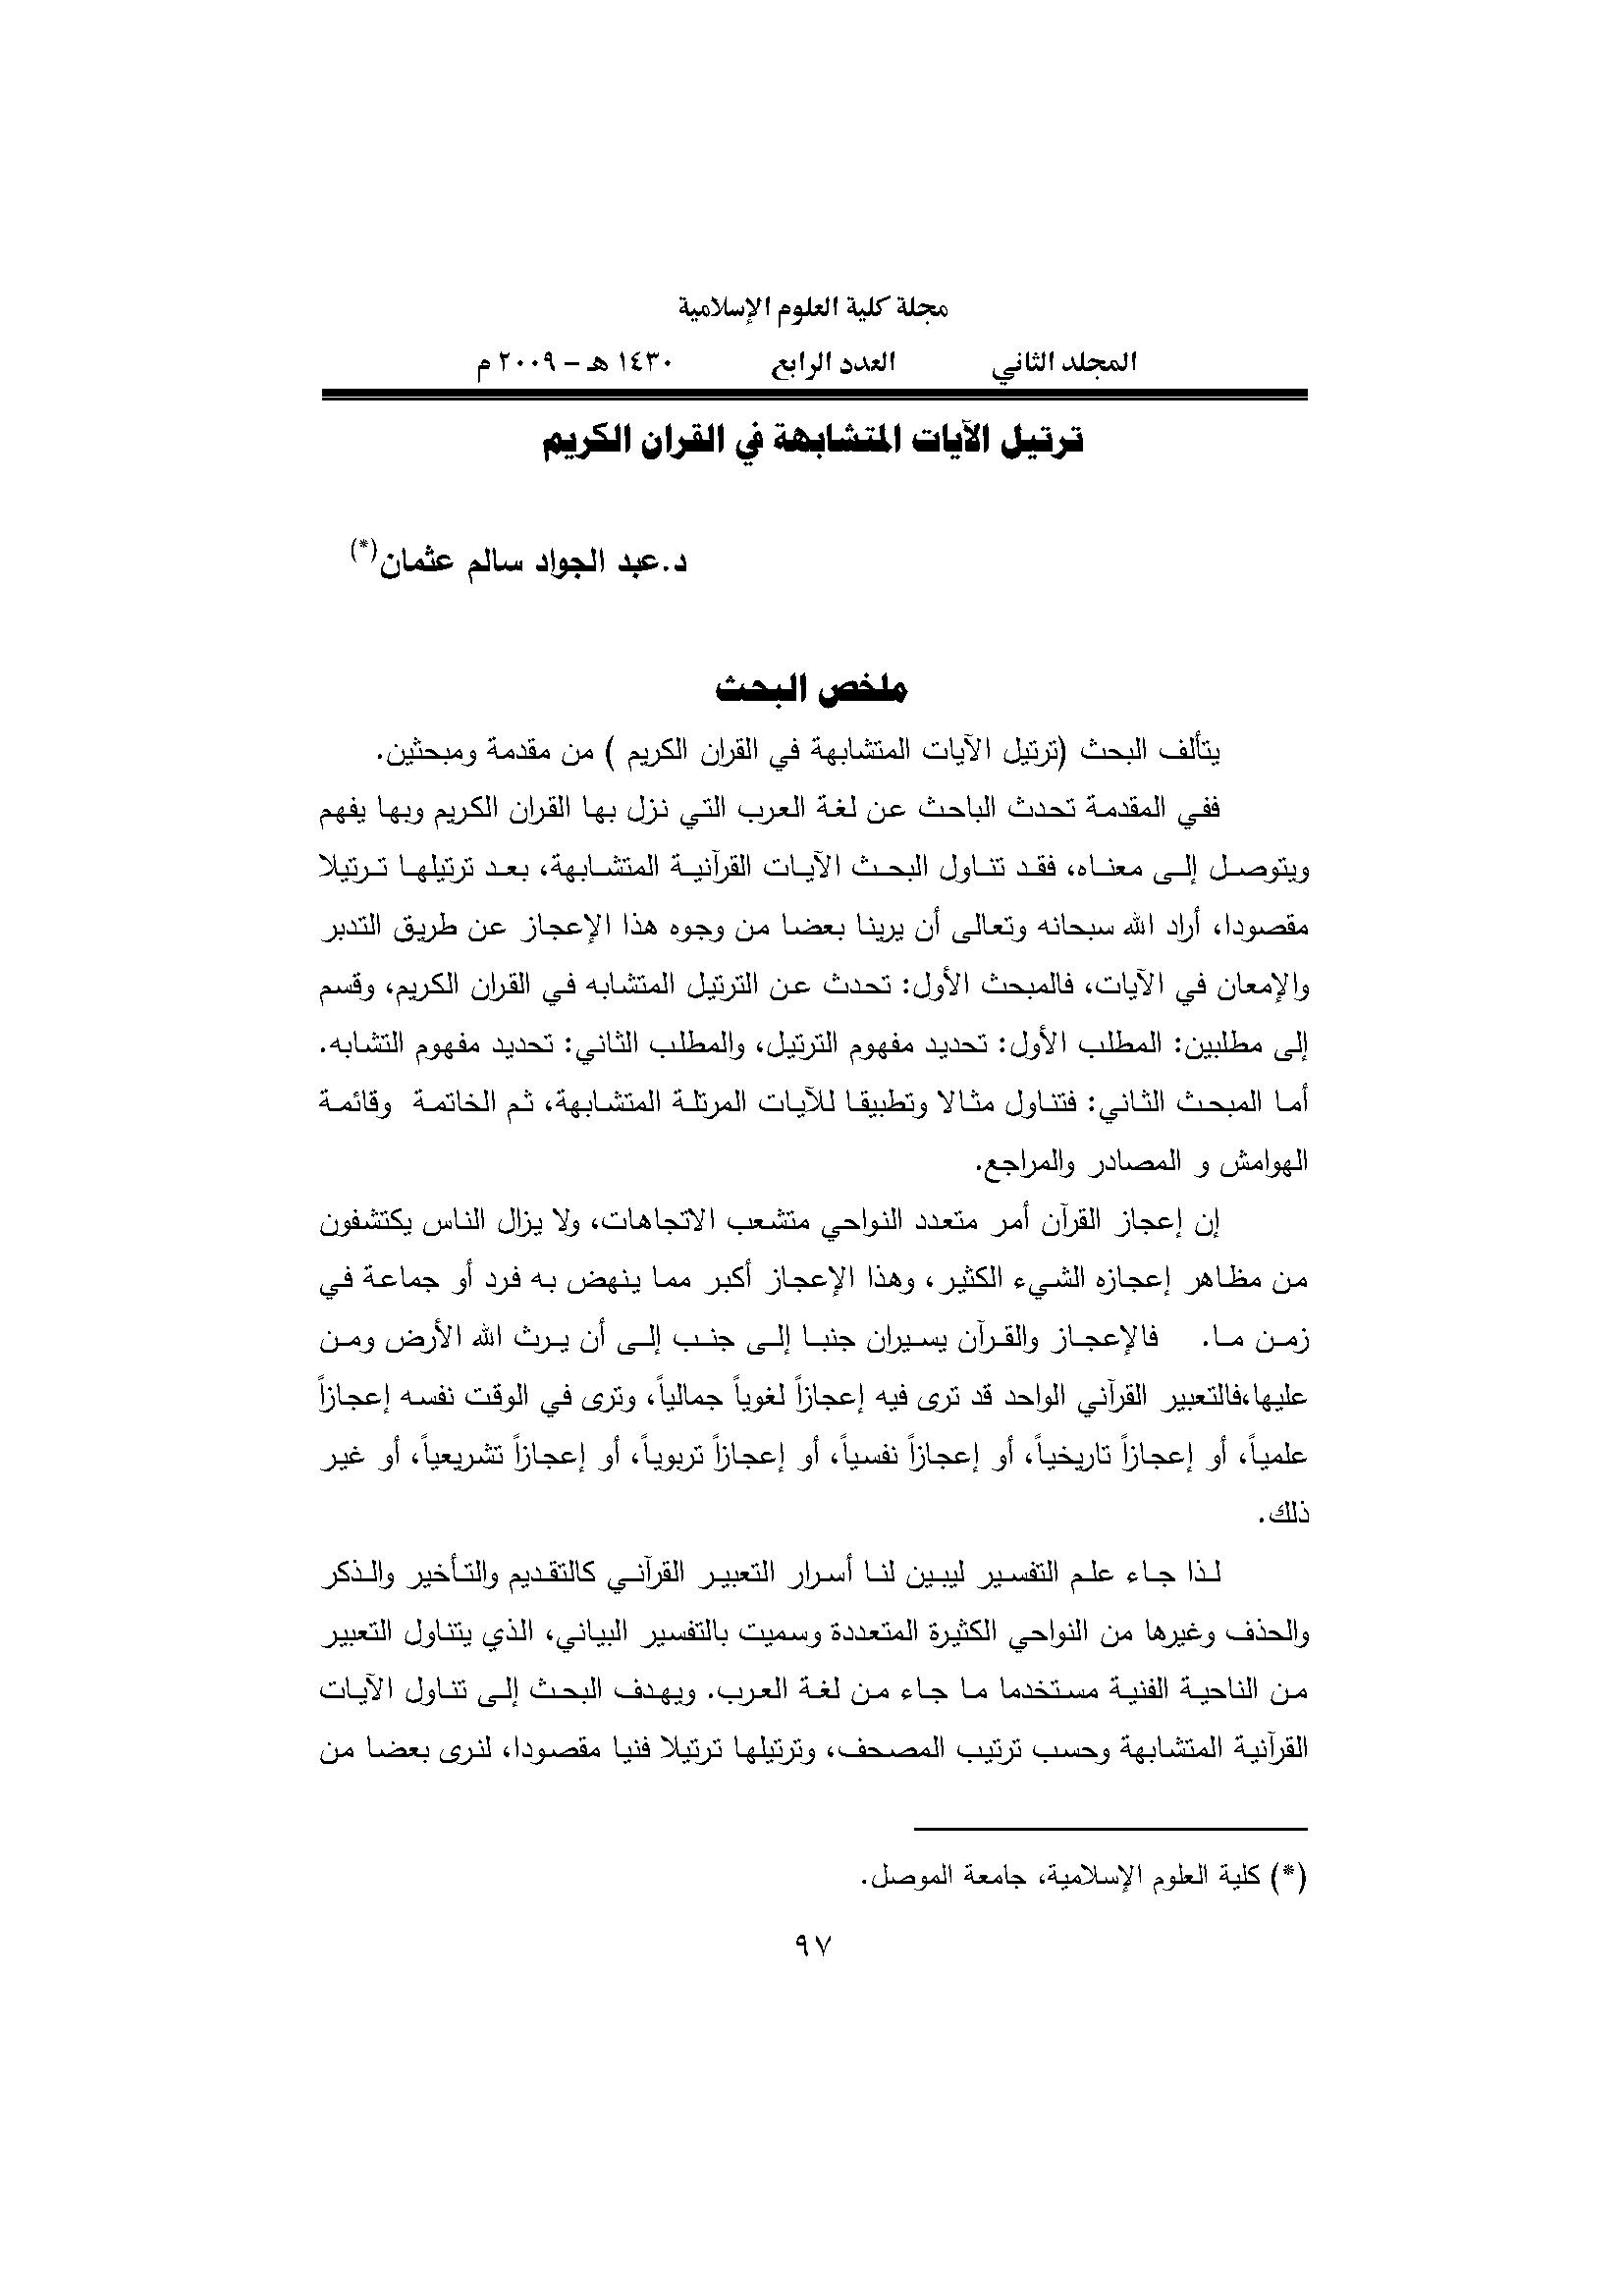 تحميل كتاب ترتيل الآيات المتشابهة في القرآن الكريم لـِ: الدكتور عبد الجواد سالم عثمان